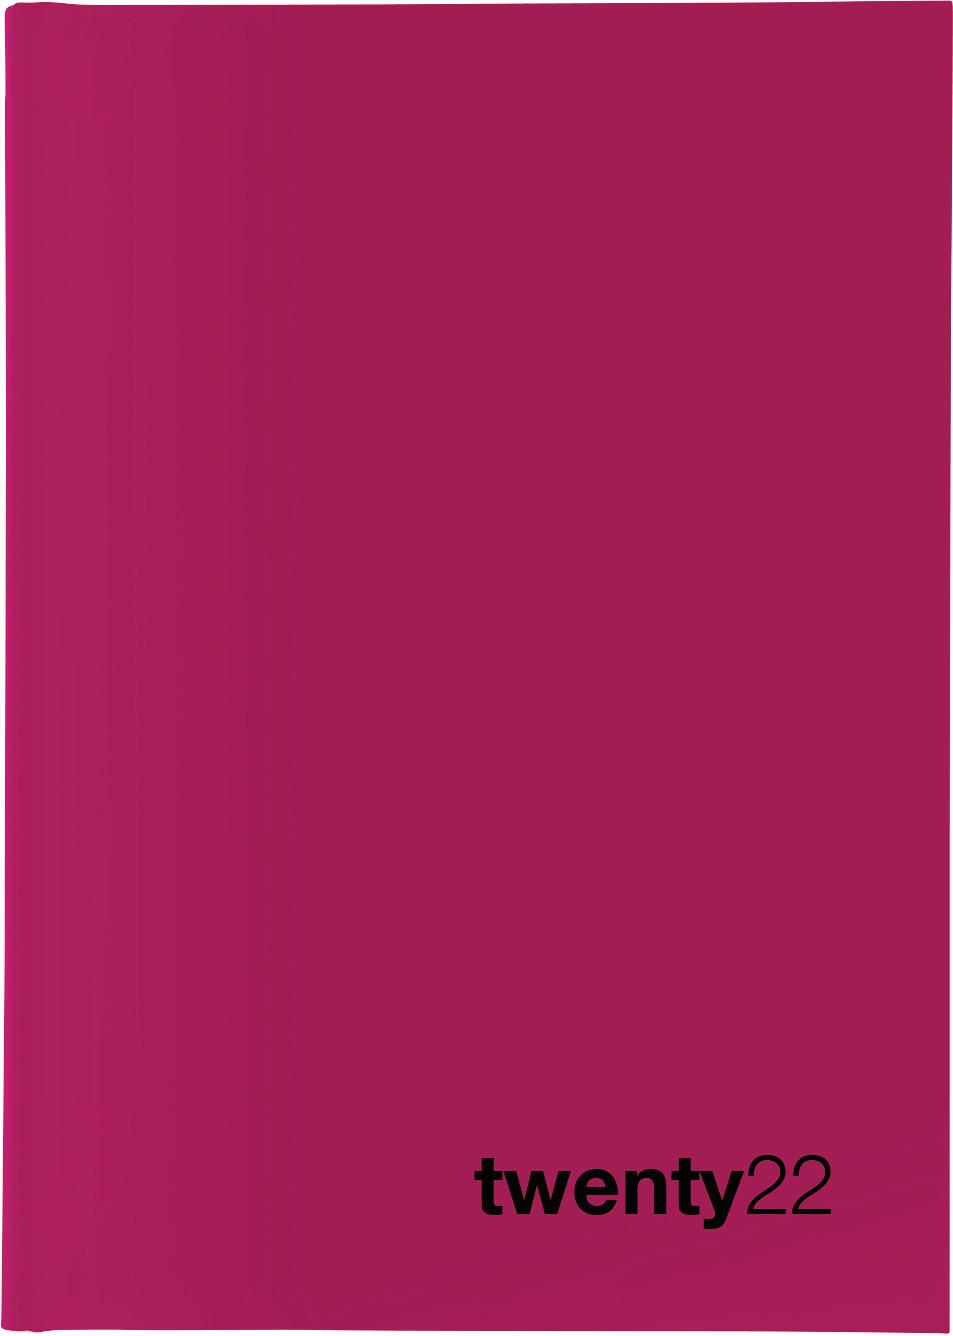 BIELLA Geschäftsagenda Colorful 2022 0809707.400022 14,5x20,5cm 1W/2S pink